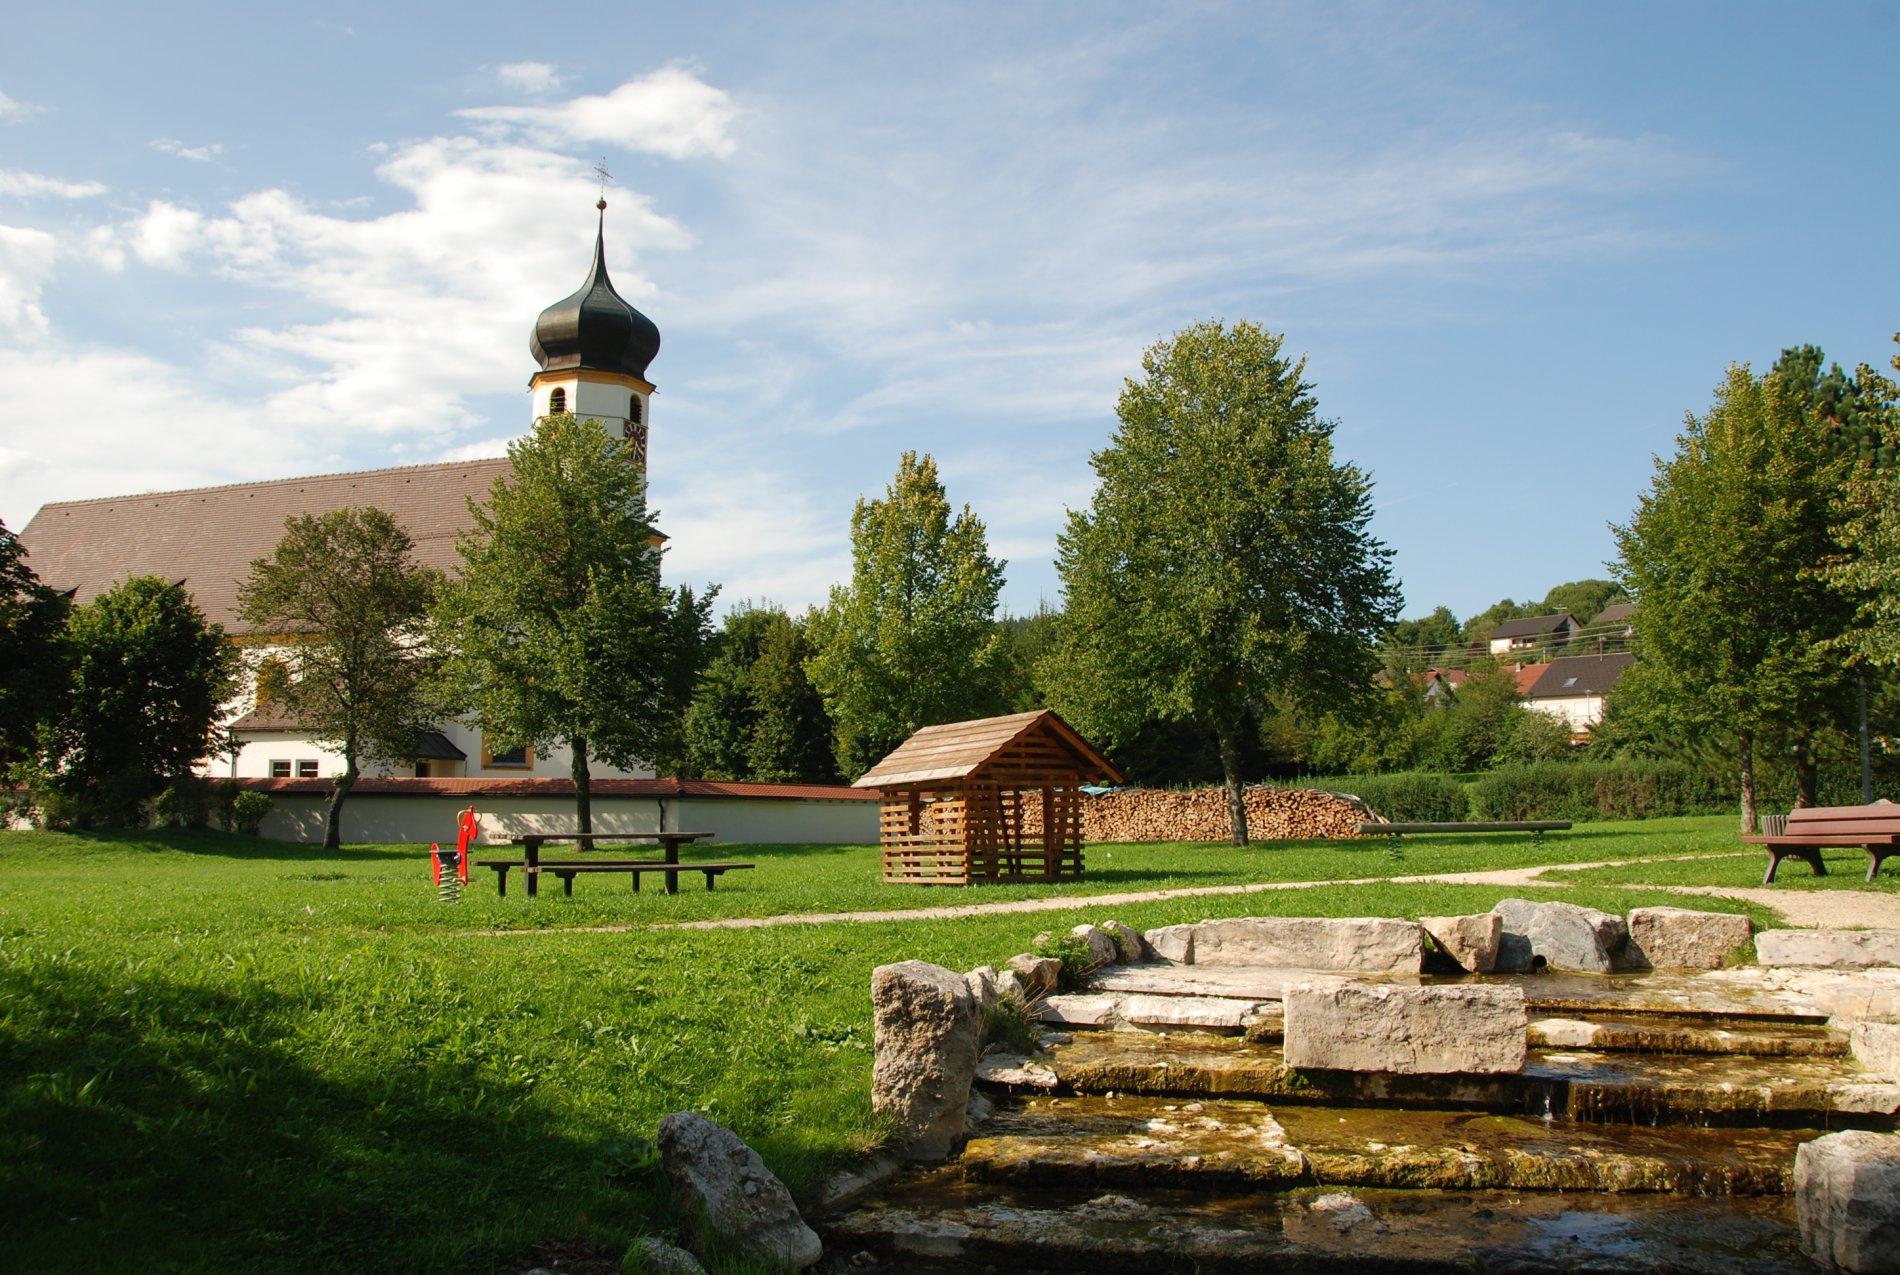 Dorfmitte Unterdigisheim mit Spielplatz und Wassertreppe